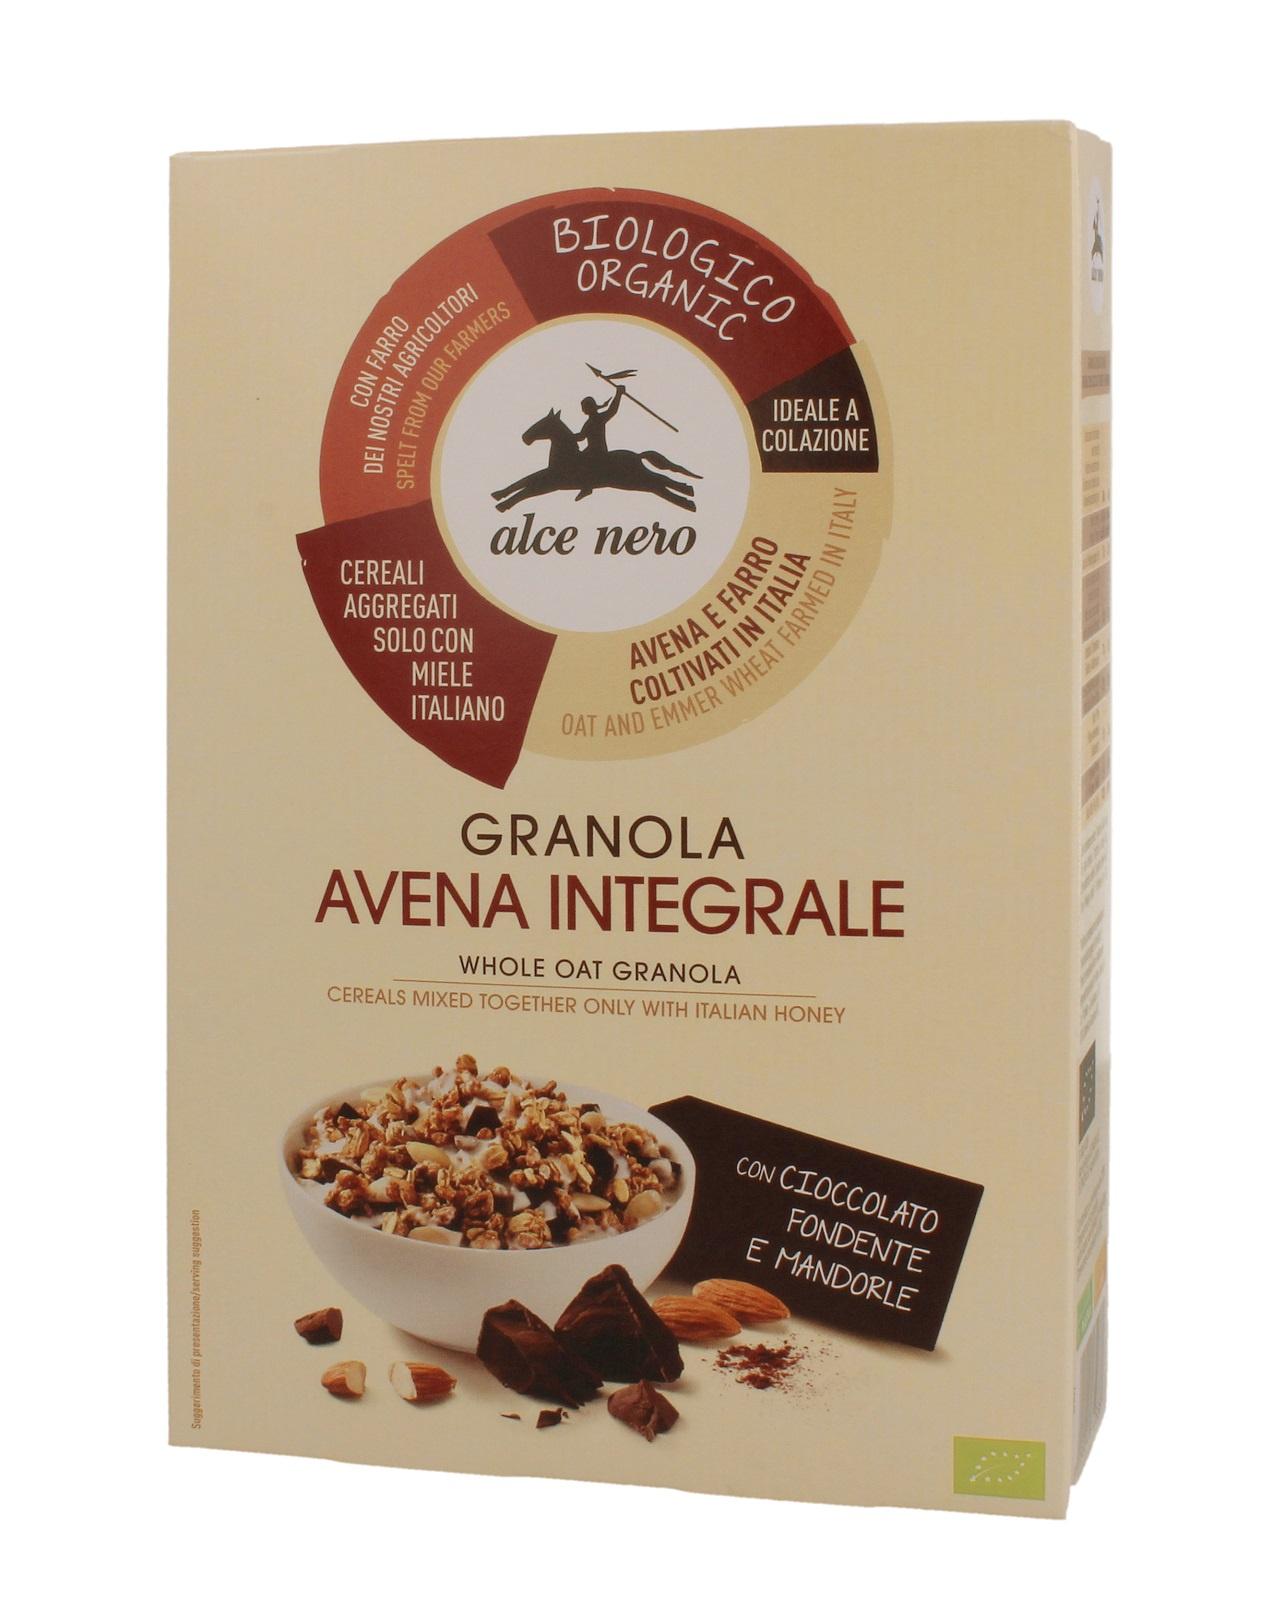 ALCE NERO Гранола с темным шоколадом и миндалем, коробка 300 г нордик галеты из овса с темным шоколадом 300г 10шт по 30г